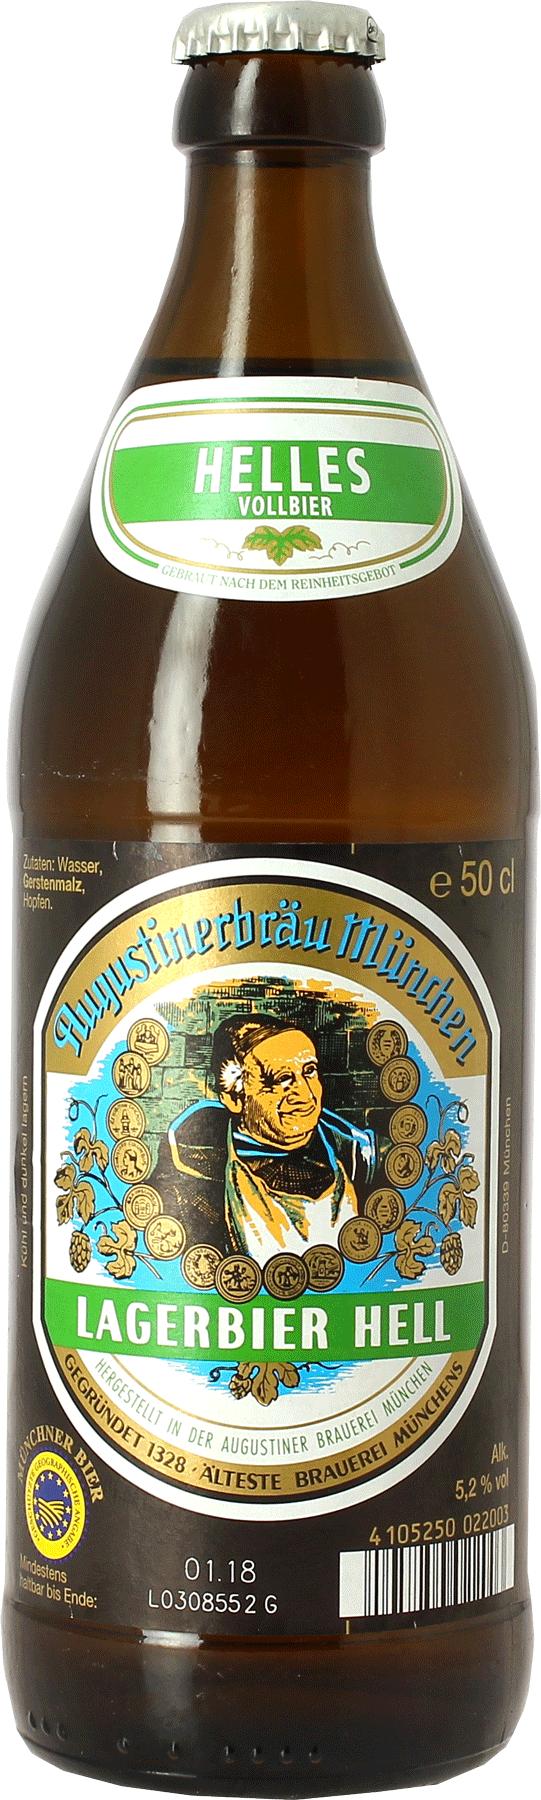 Augustiner Lagerbier Hell - Hopt